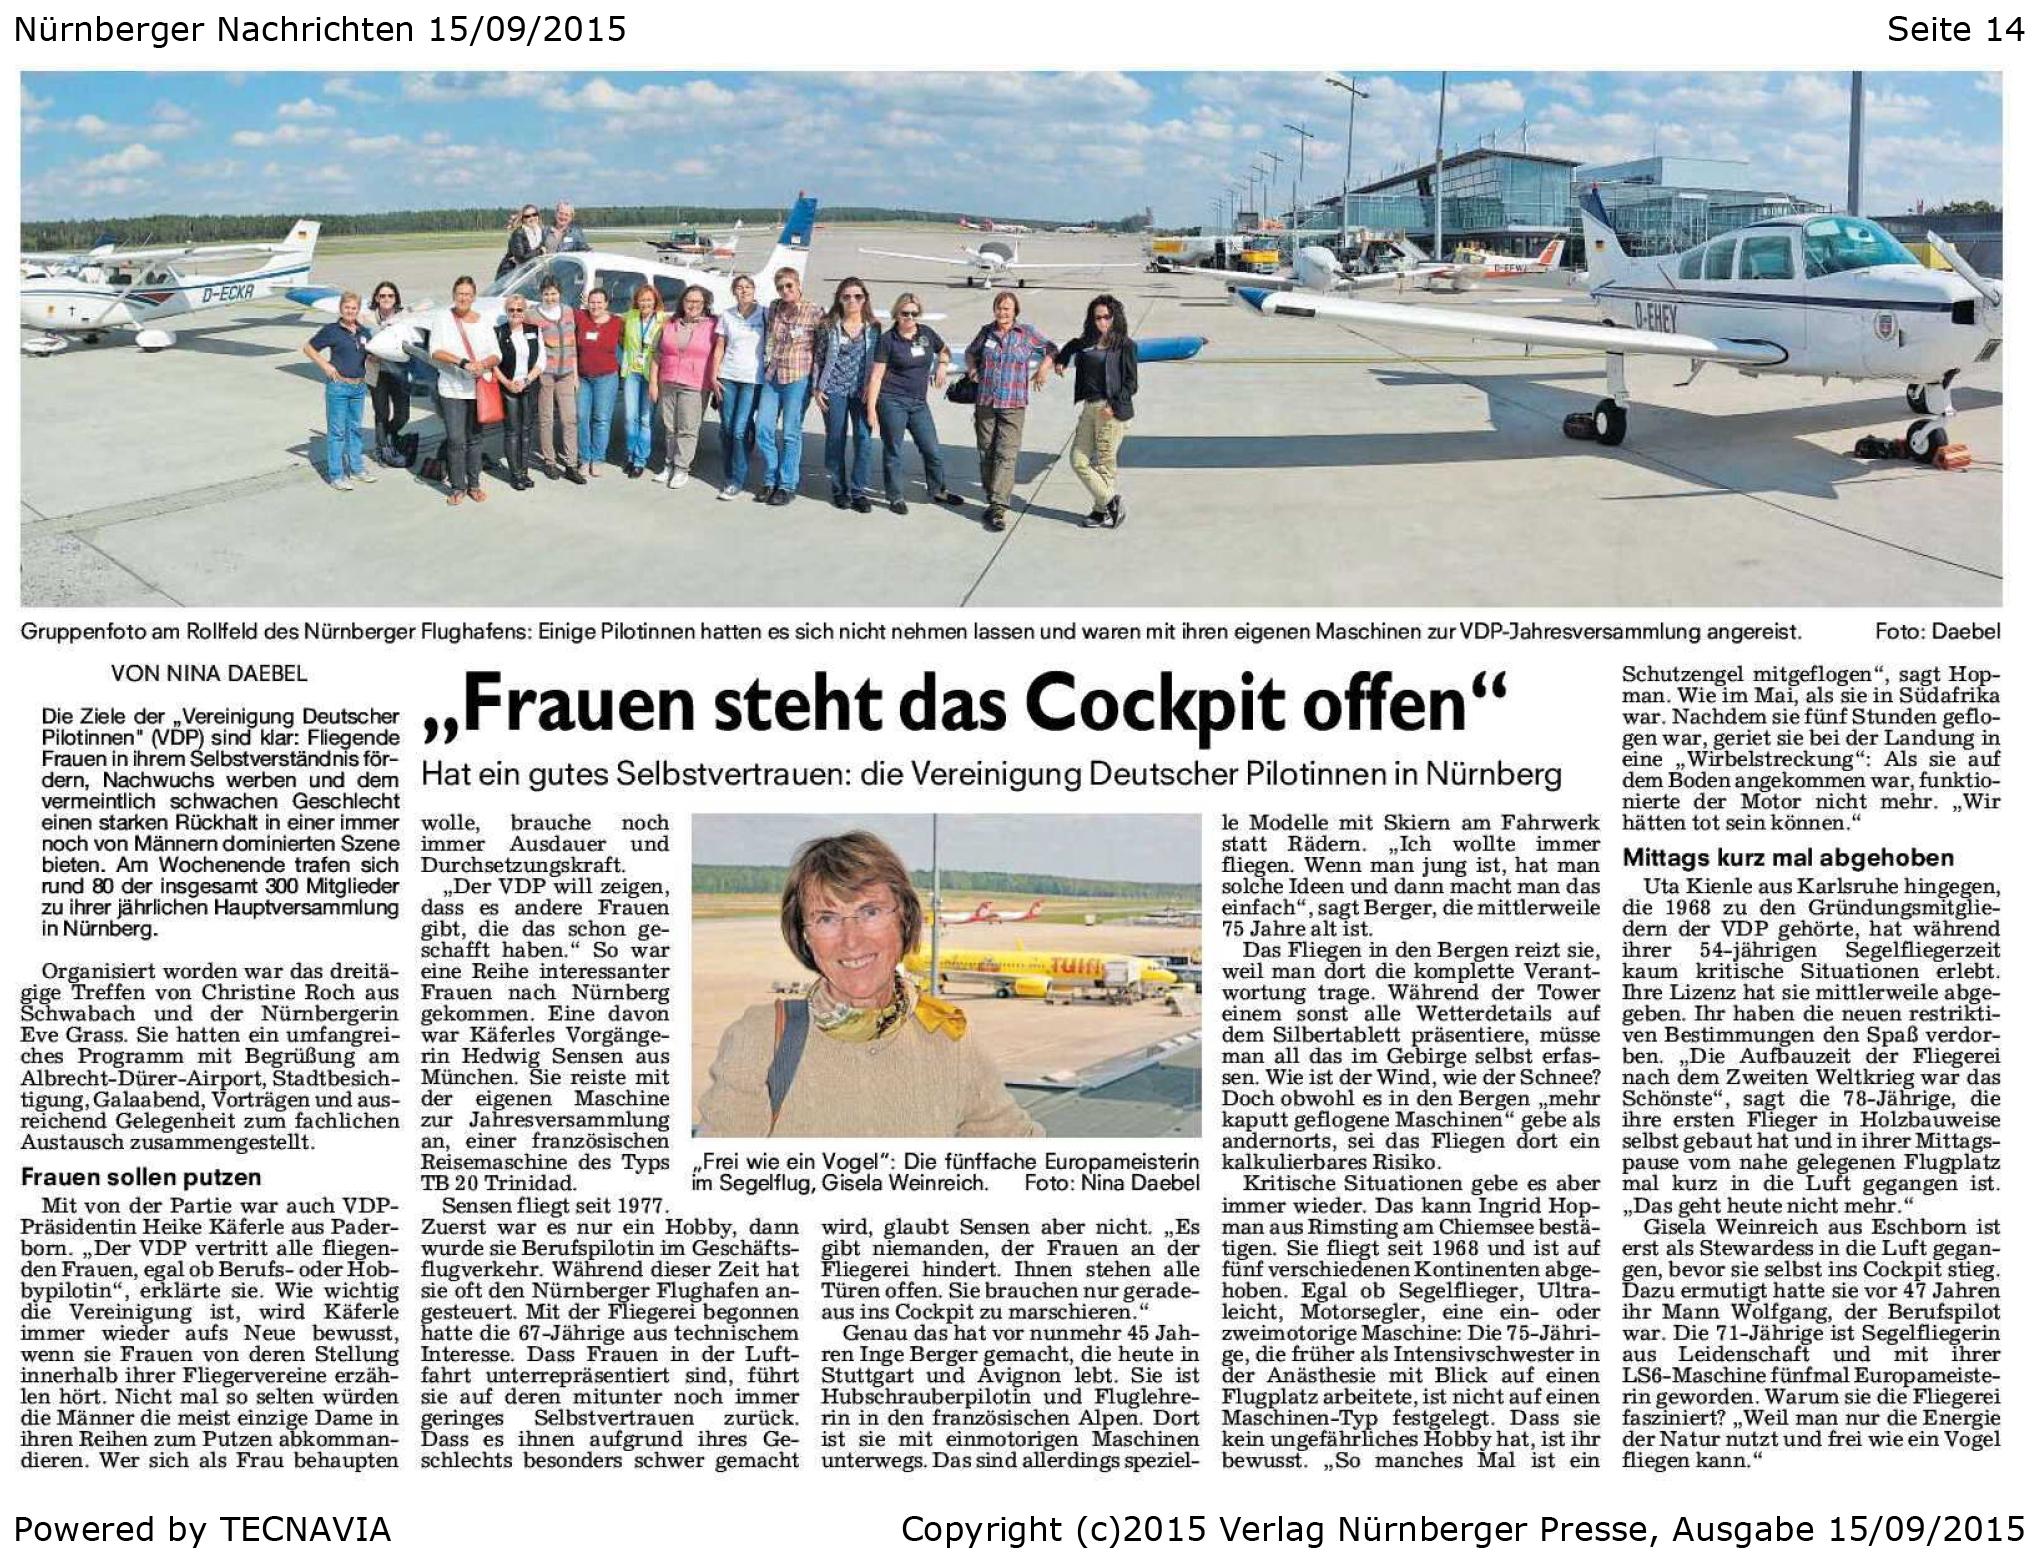 aylair_nuernburger_nachrichten_presse_september_2015.jpg